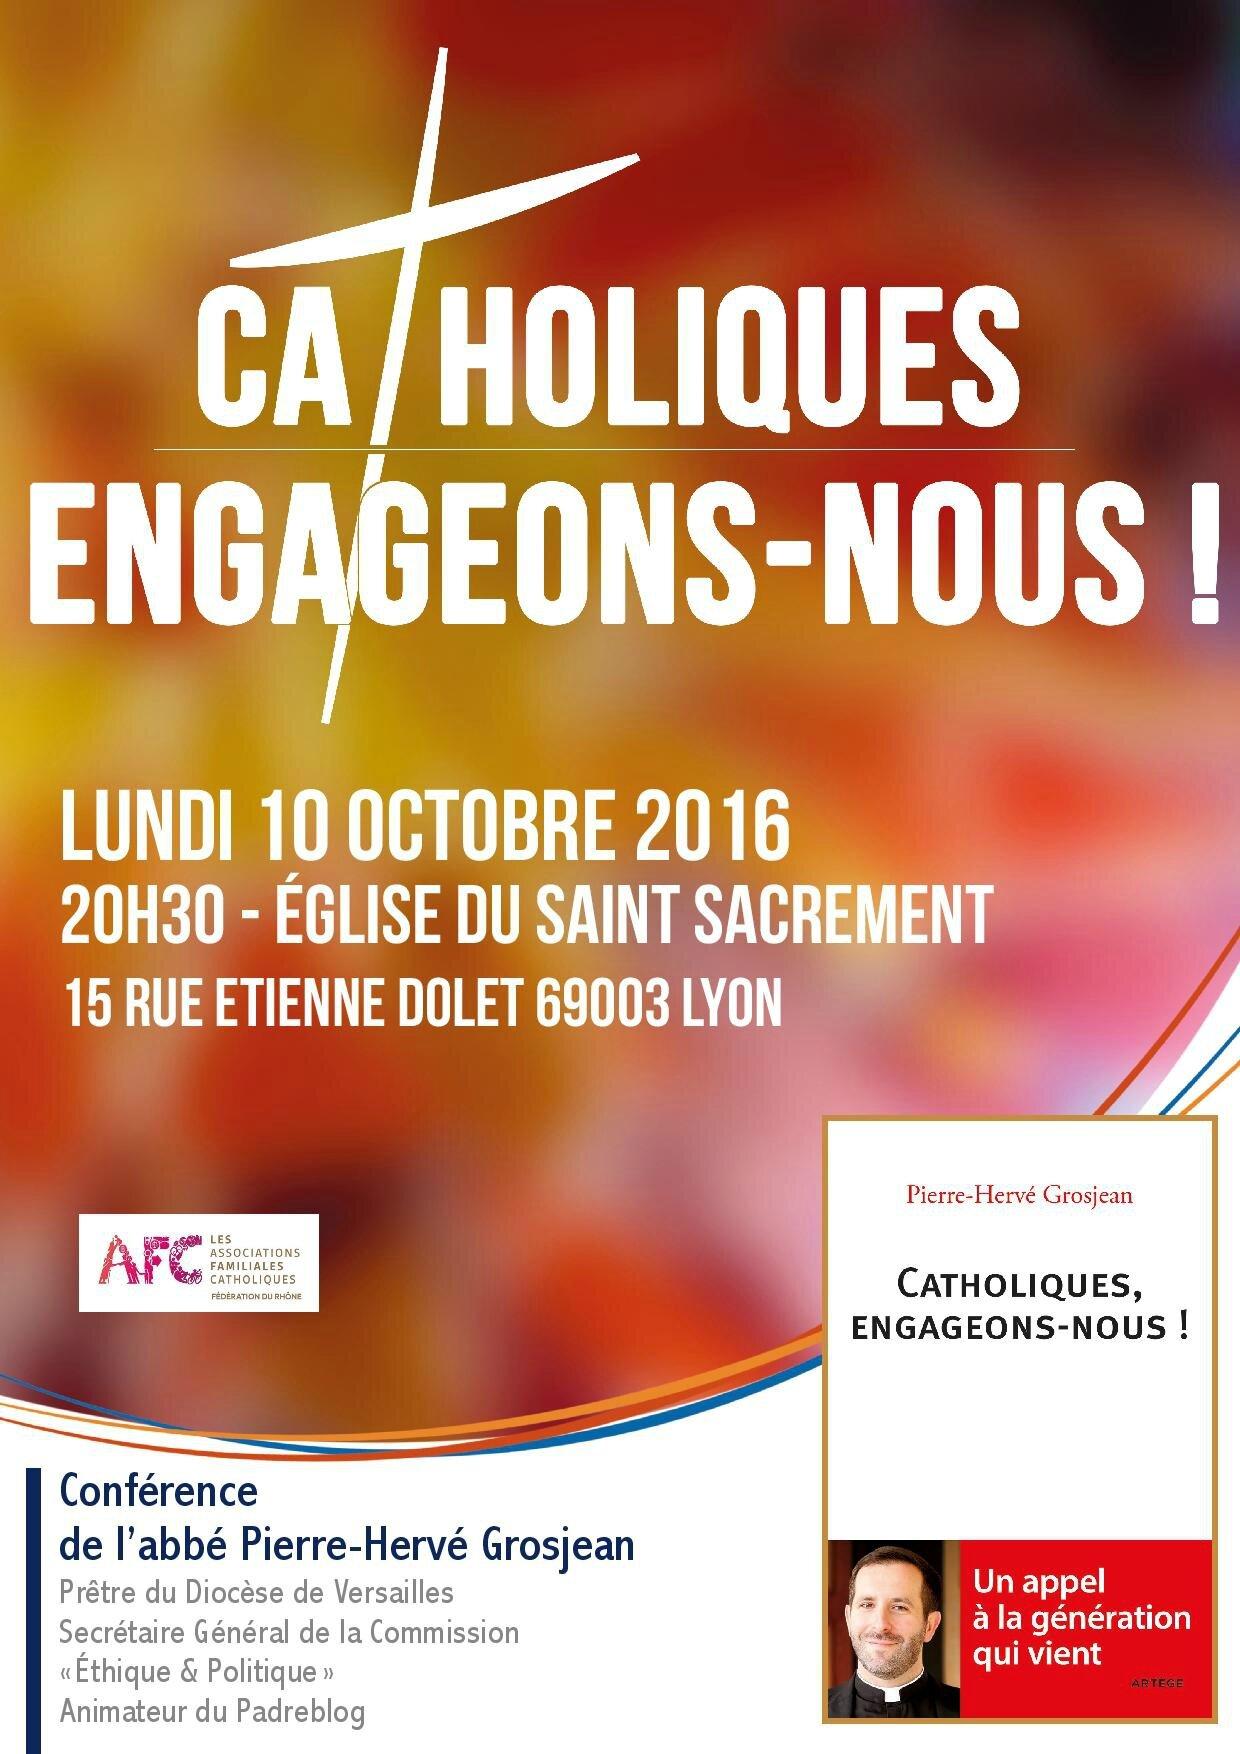 Conférence de l'abbé Grosjean à Lyon : Catholiques, engageons-nous !